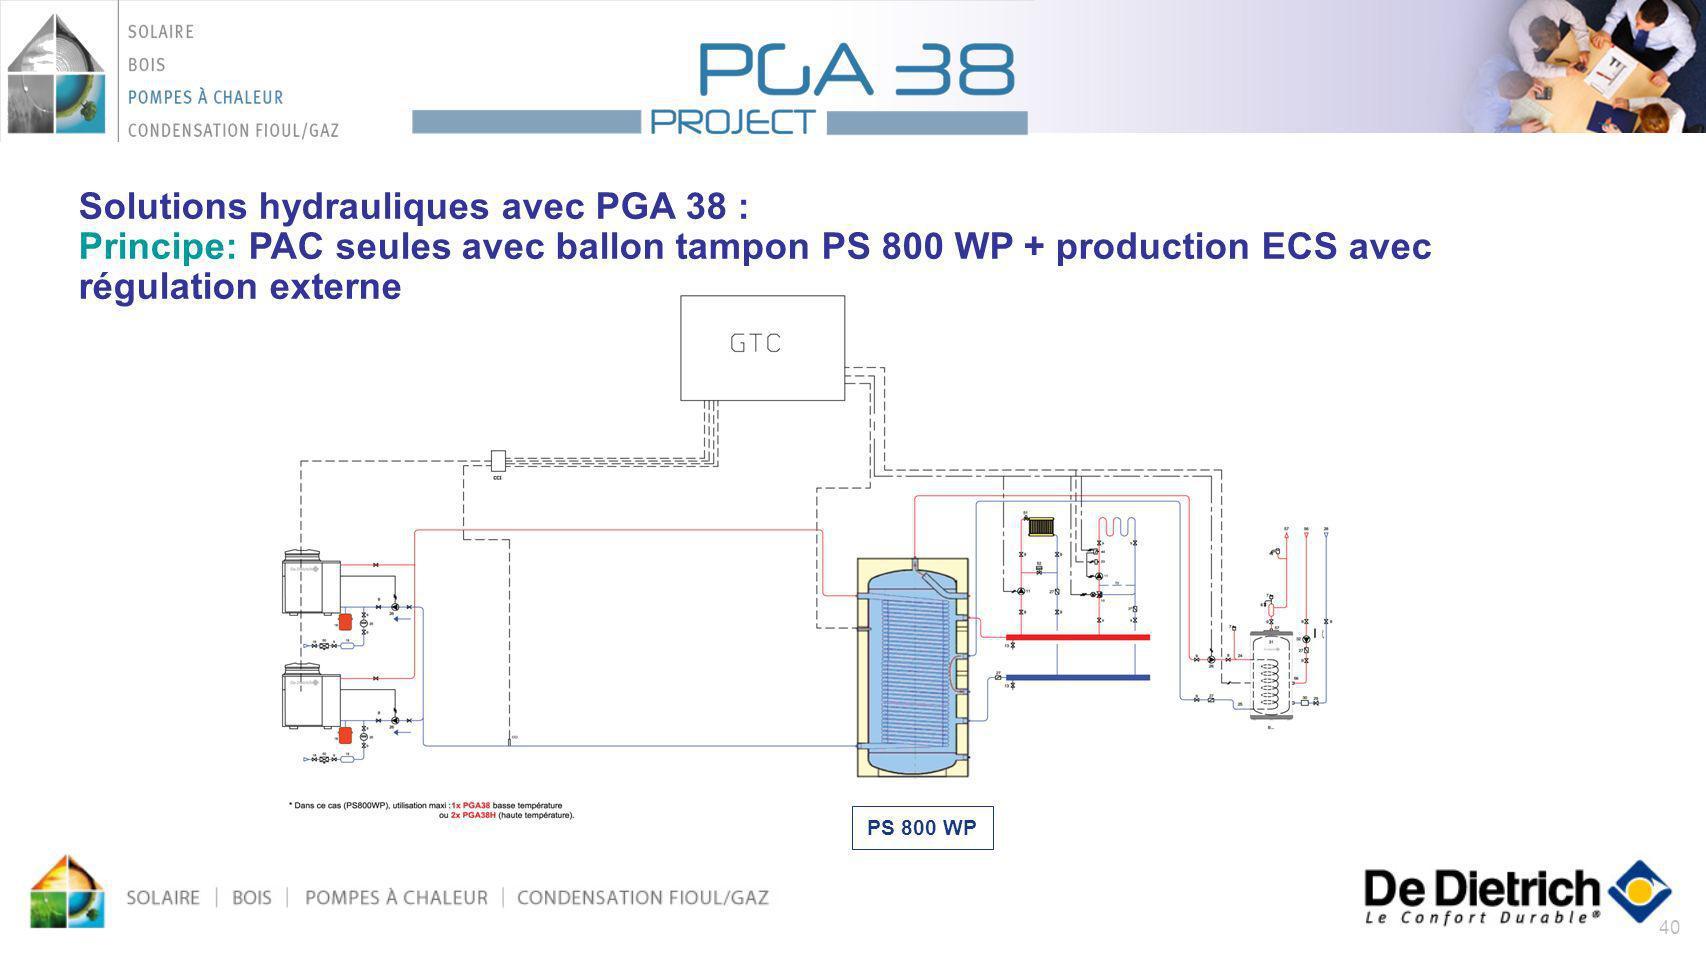 Solutions hydrauliques avec PGA 38 : Principe: PAC seules avec ballon tampon PS 800 WP + production ECS avec régulation externe